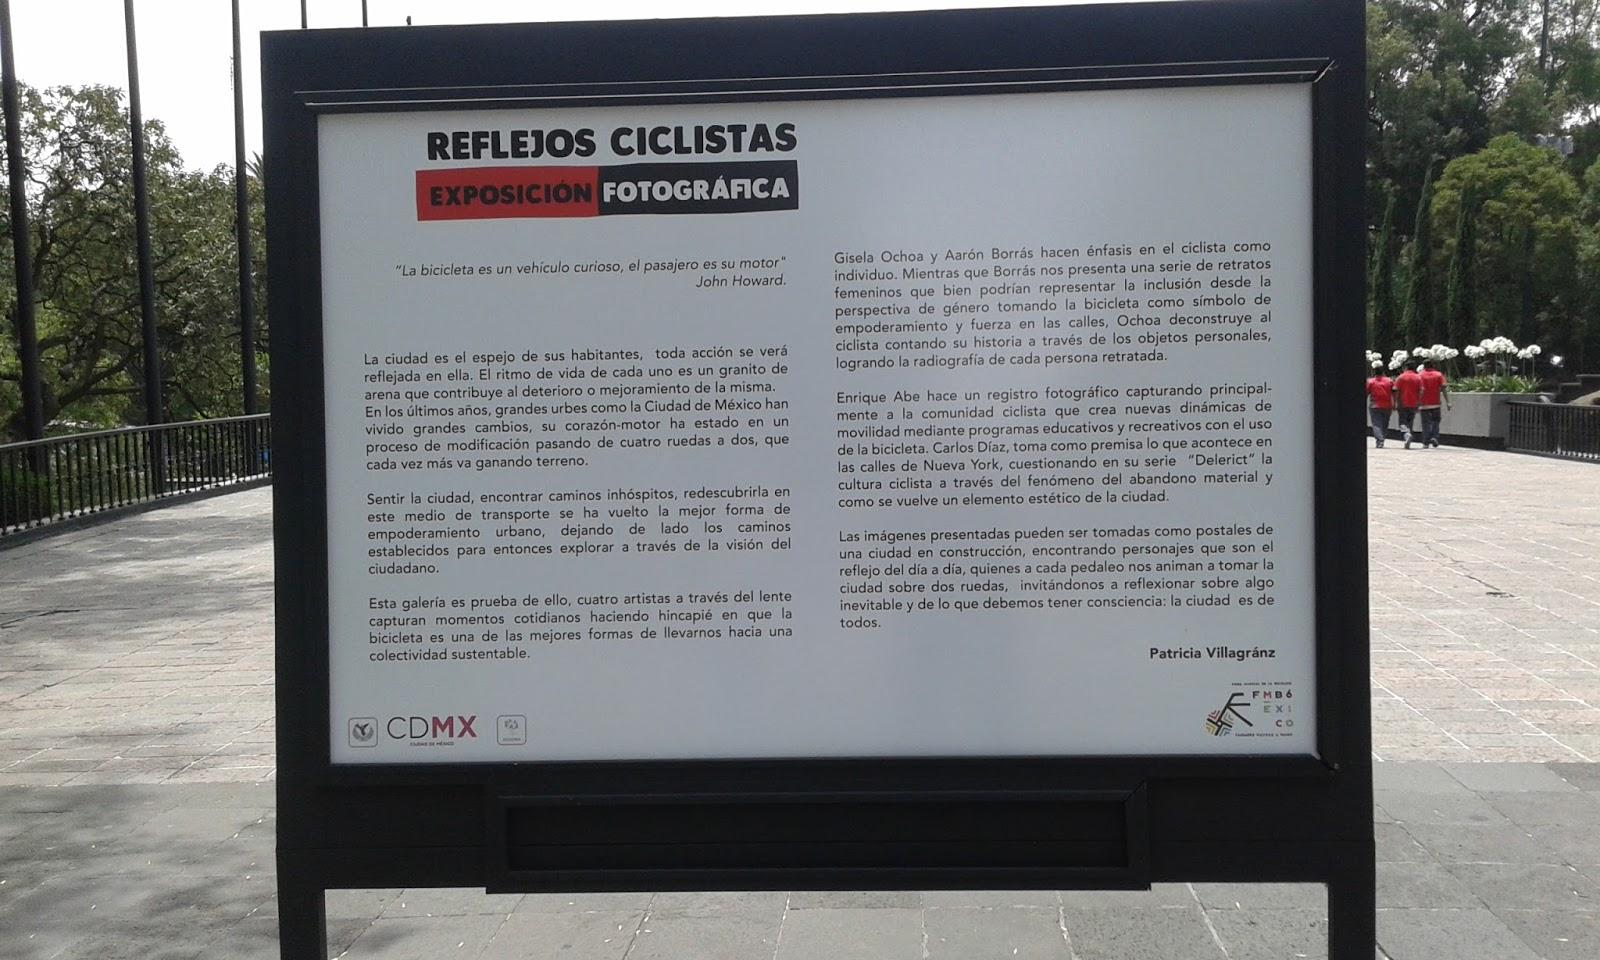 Alba De Silva Actriz Porno El Reflejo Del Vicio reflejos ciclistas. exposición fotográfica